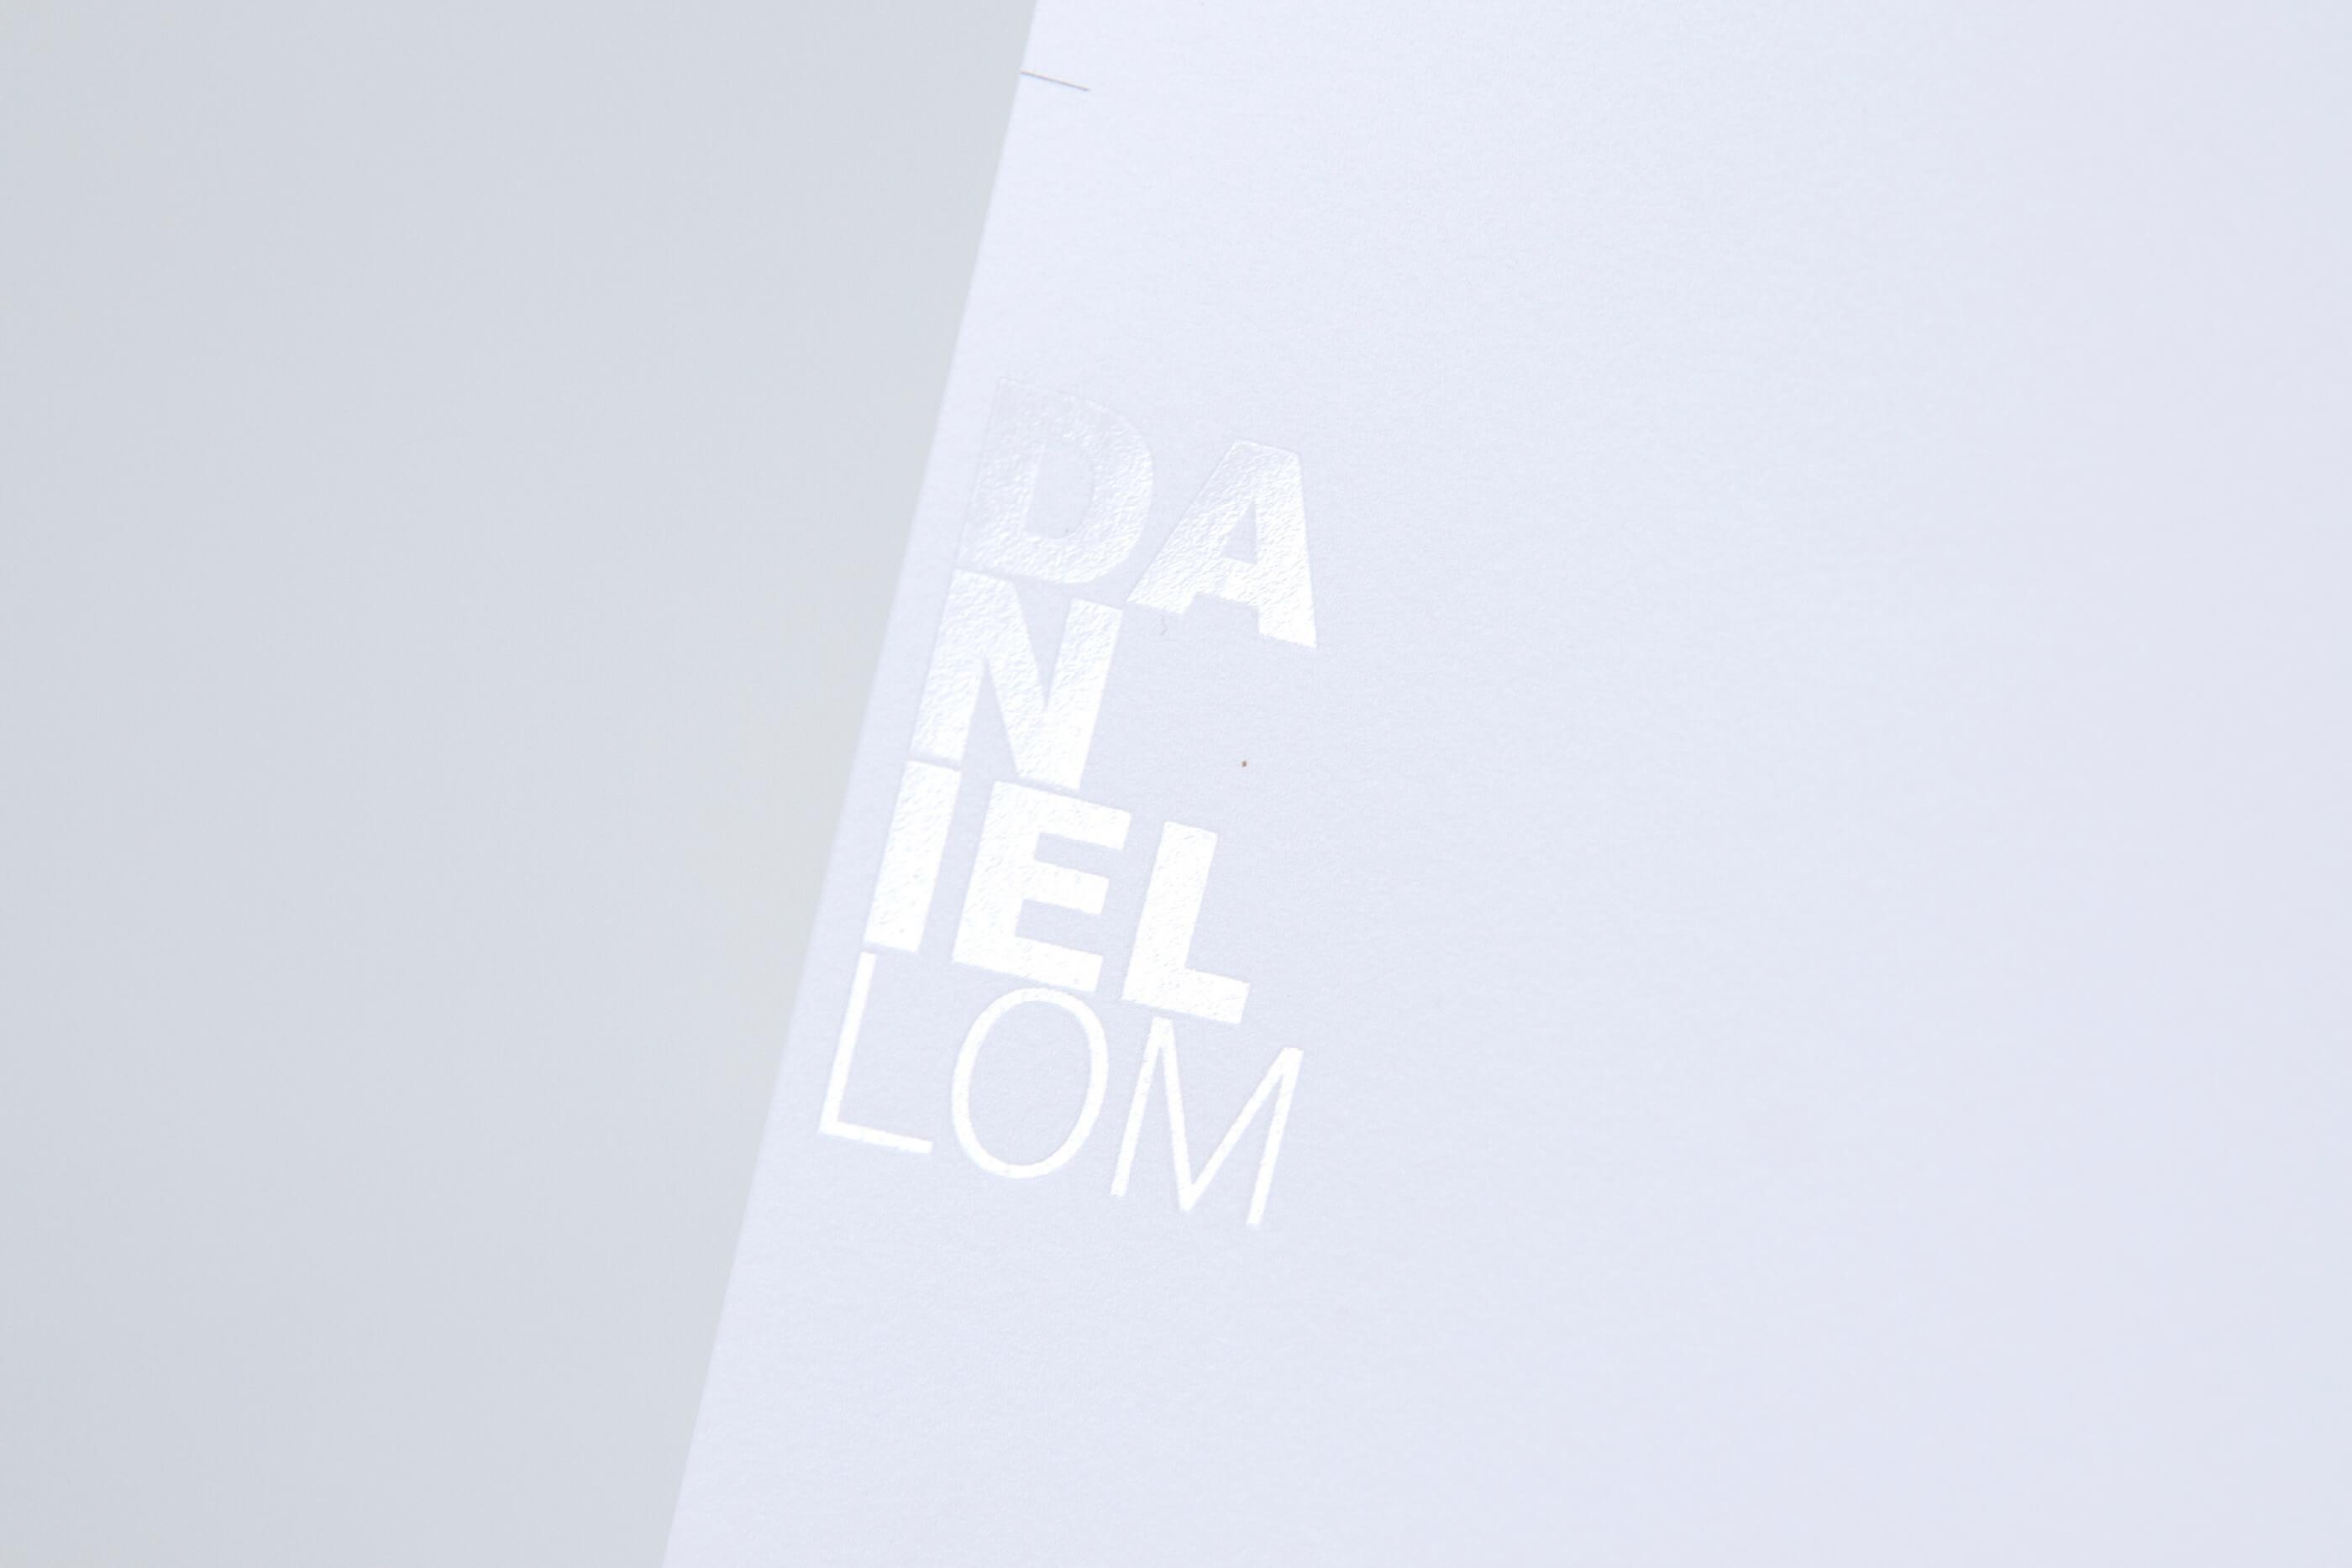 daniel_lomma_letter_head2